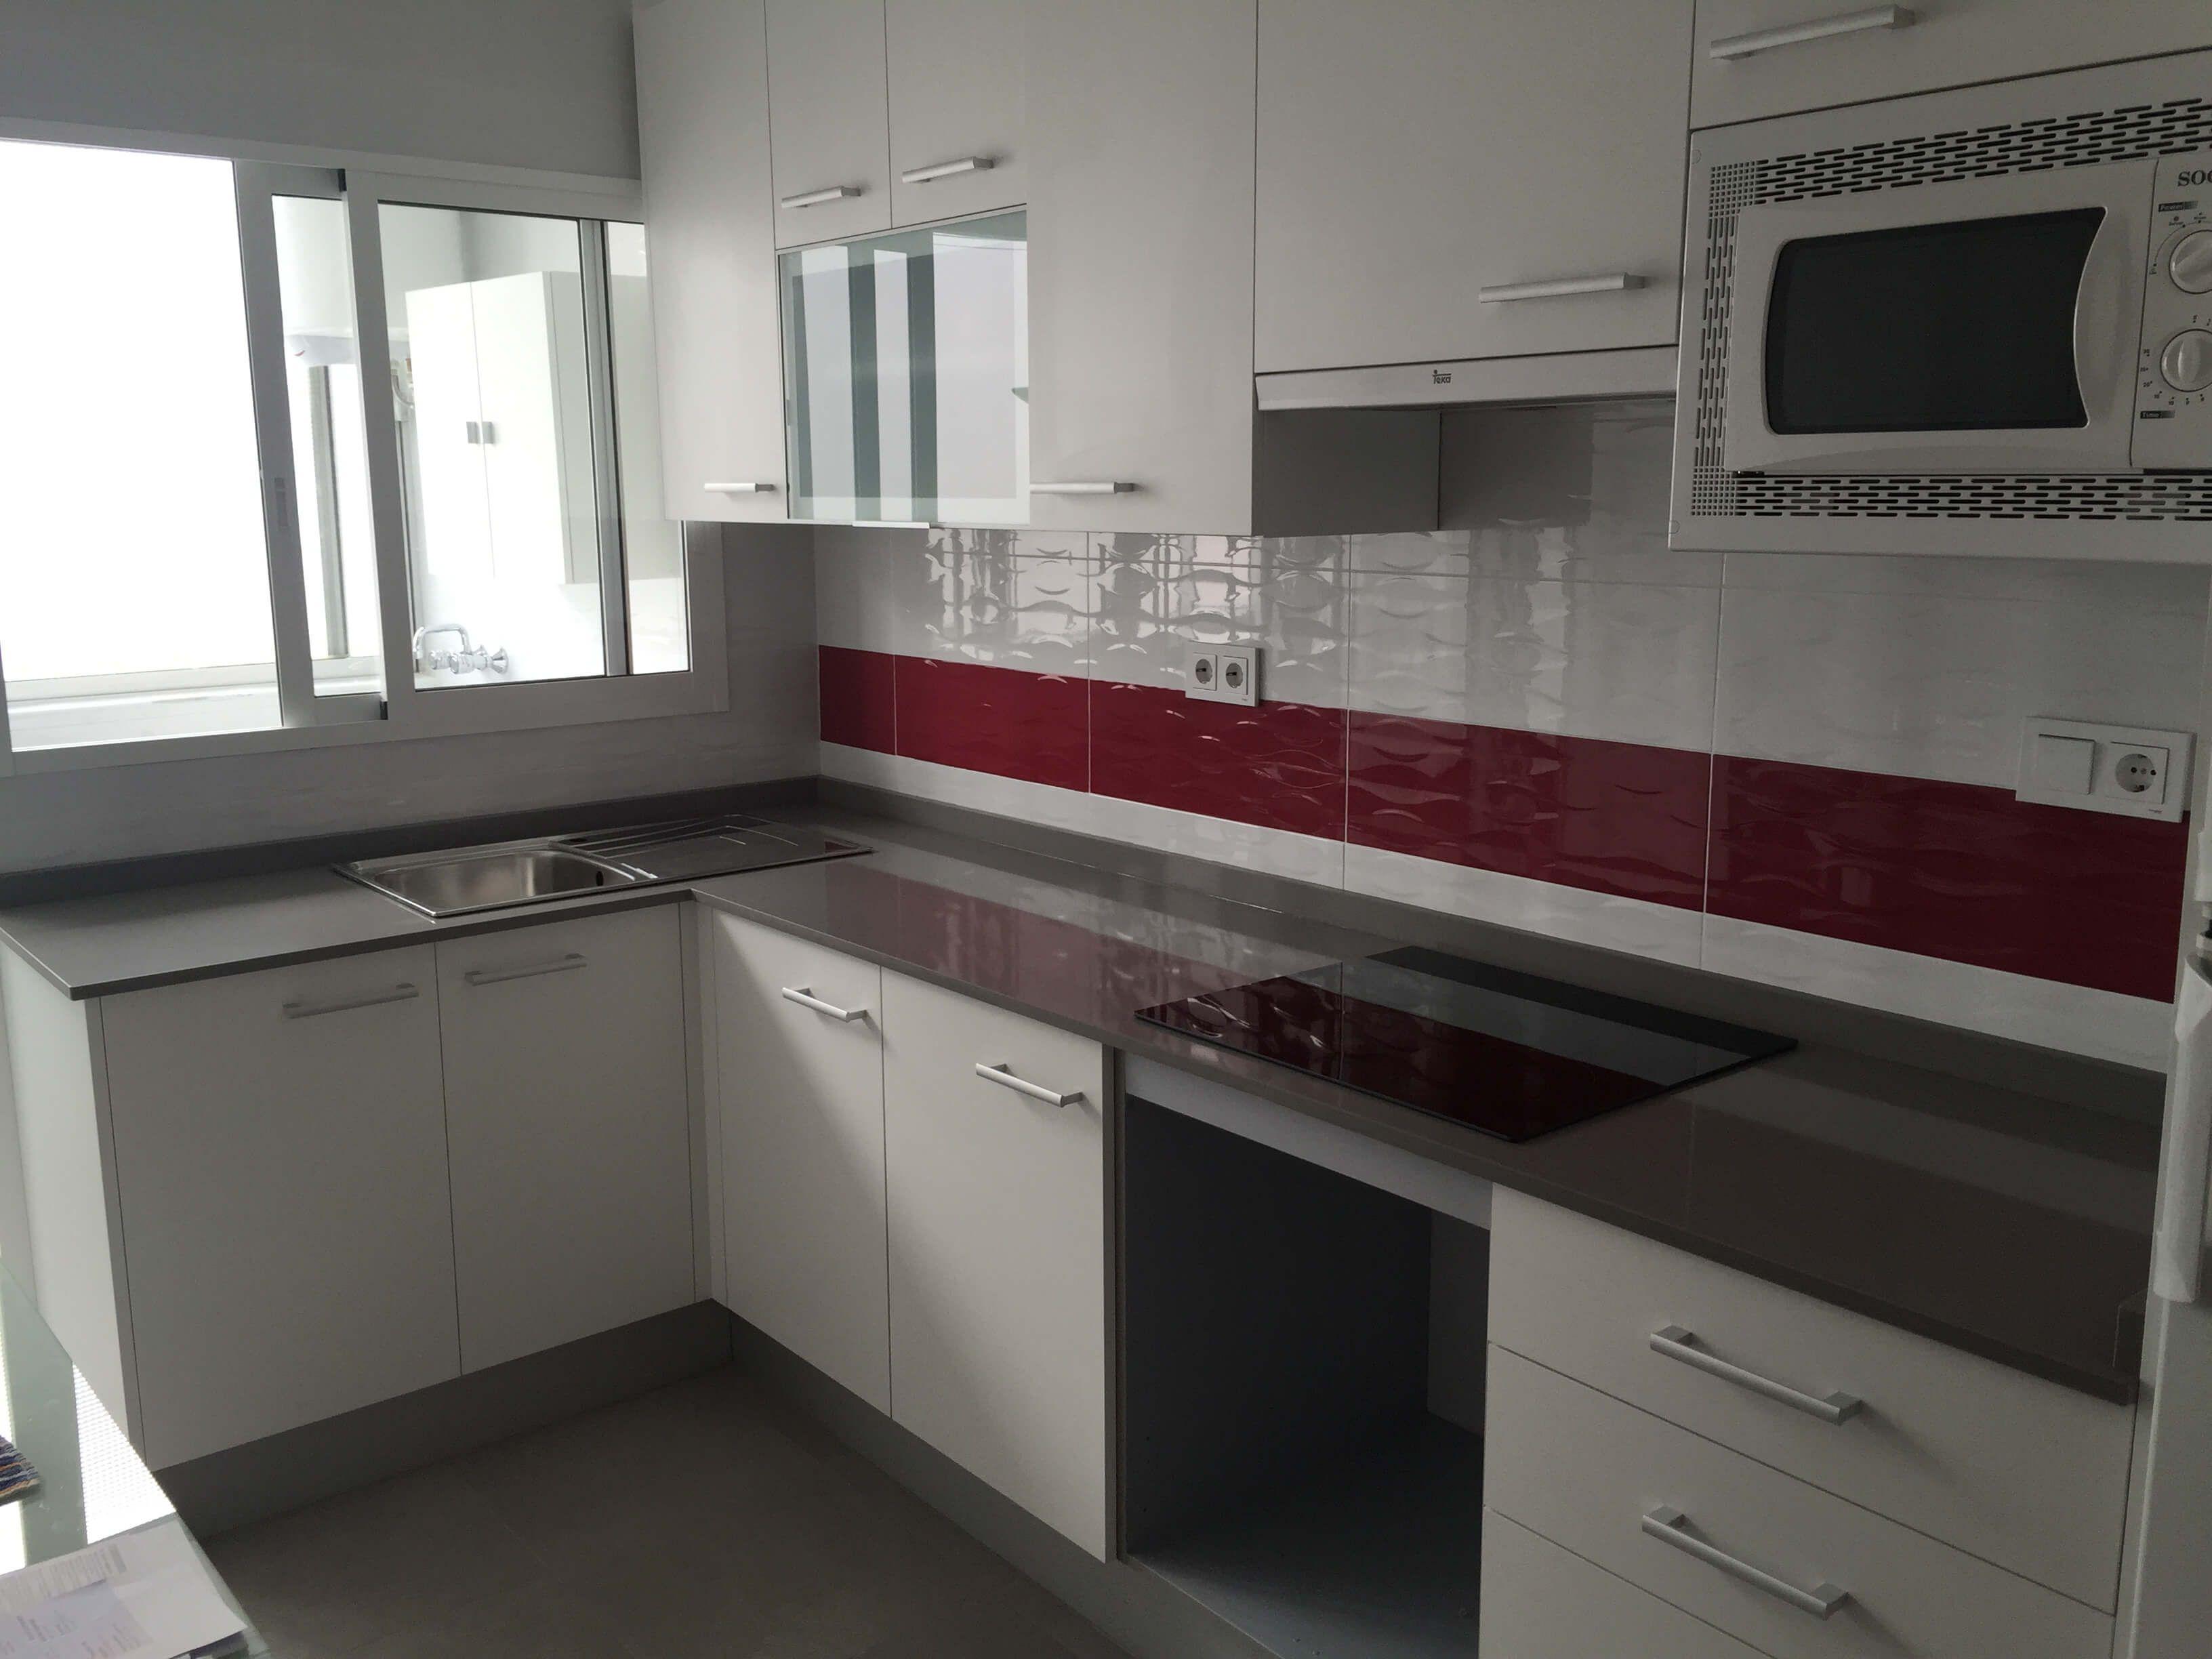 Cocina gris y roja ms en cocinas with cocina gris y roja - Salpicadero cocina ikea ...